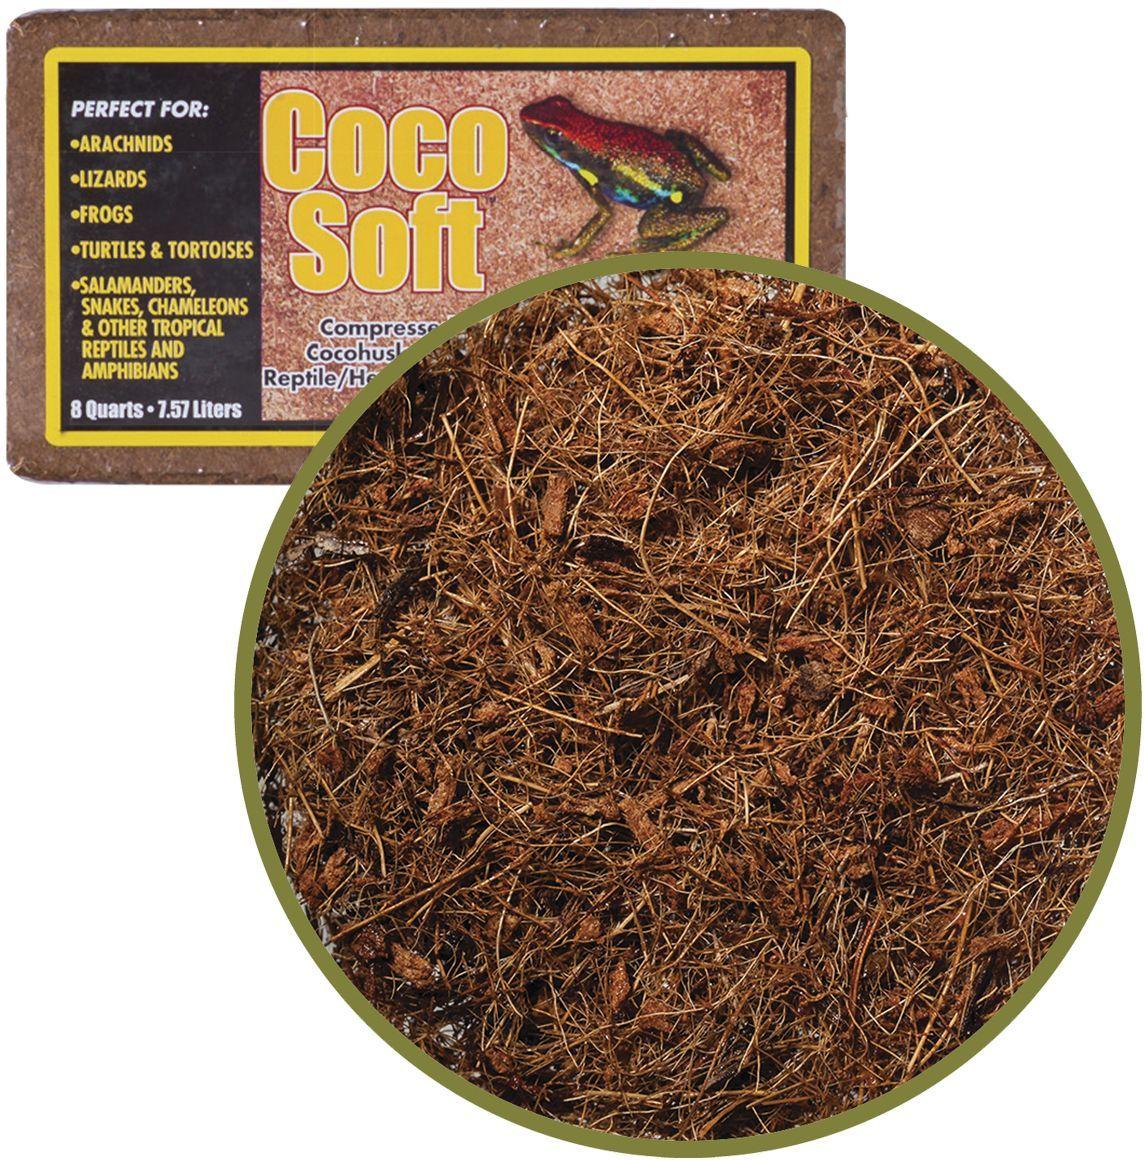 Субстрат для террариумов Caribsea Coco Soft, кокосовые волокна, 7,57 л00617Субстрат для террариумов Caribsea Coco Soft обладает природным саморегулированием влажности. Скорлупа кокосового ореха является эффективным компонентом подстилки в террариумах. Используется для рептилий, паукообразных насекомых и земноводных.